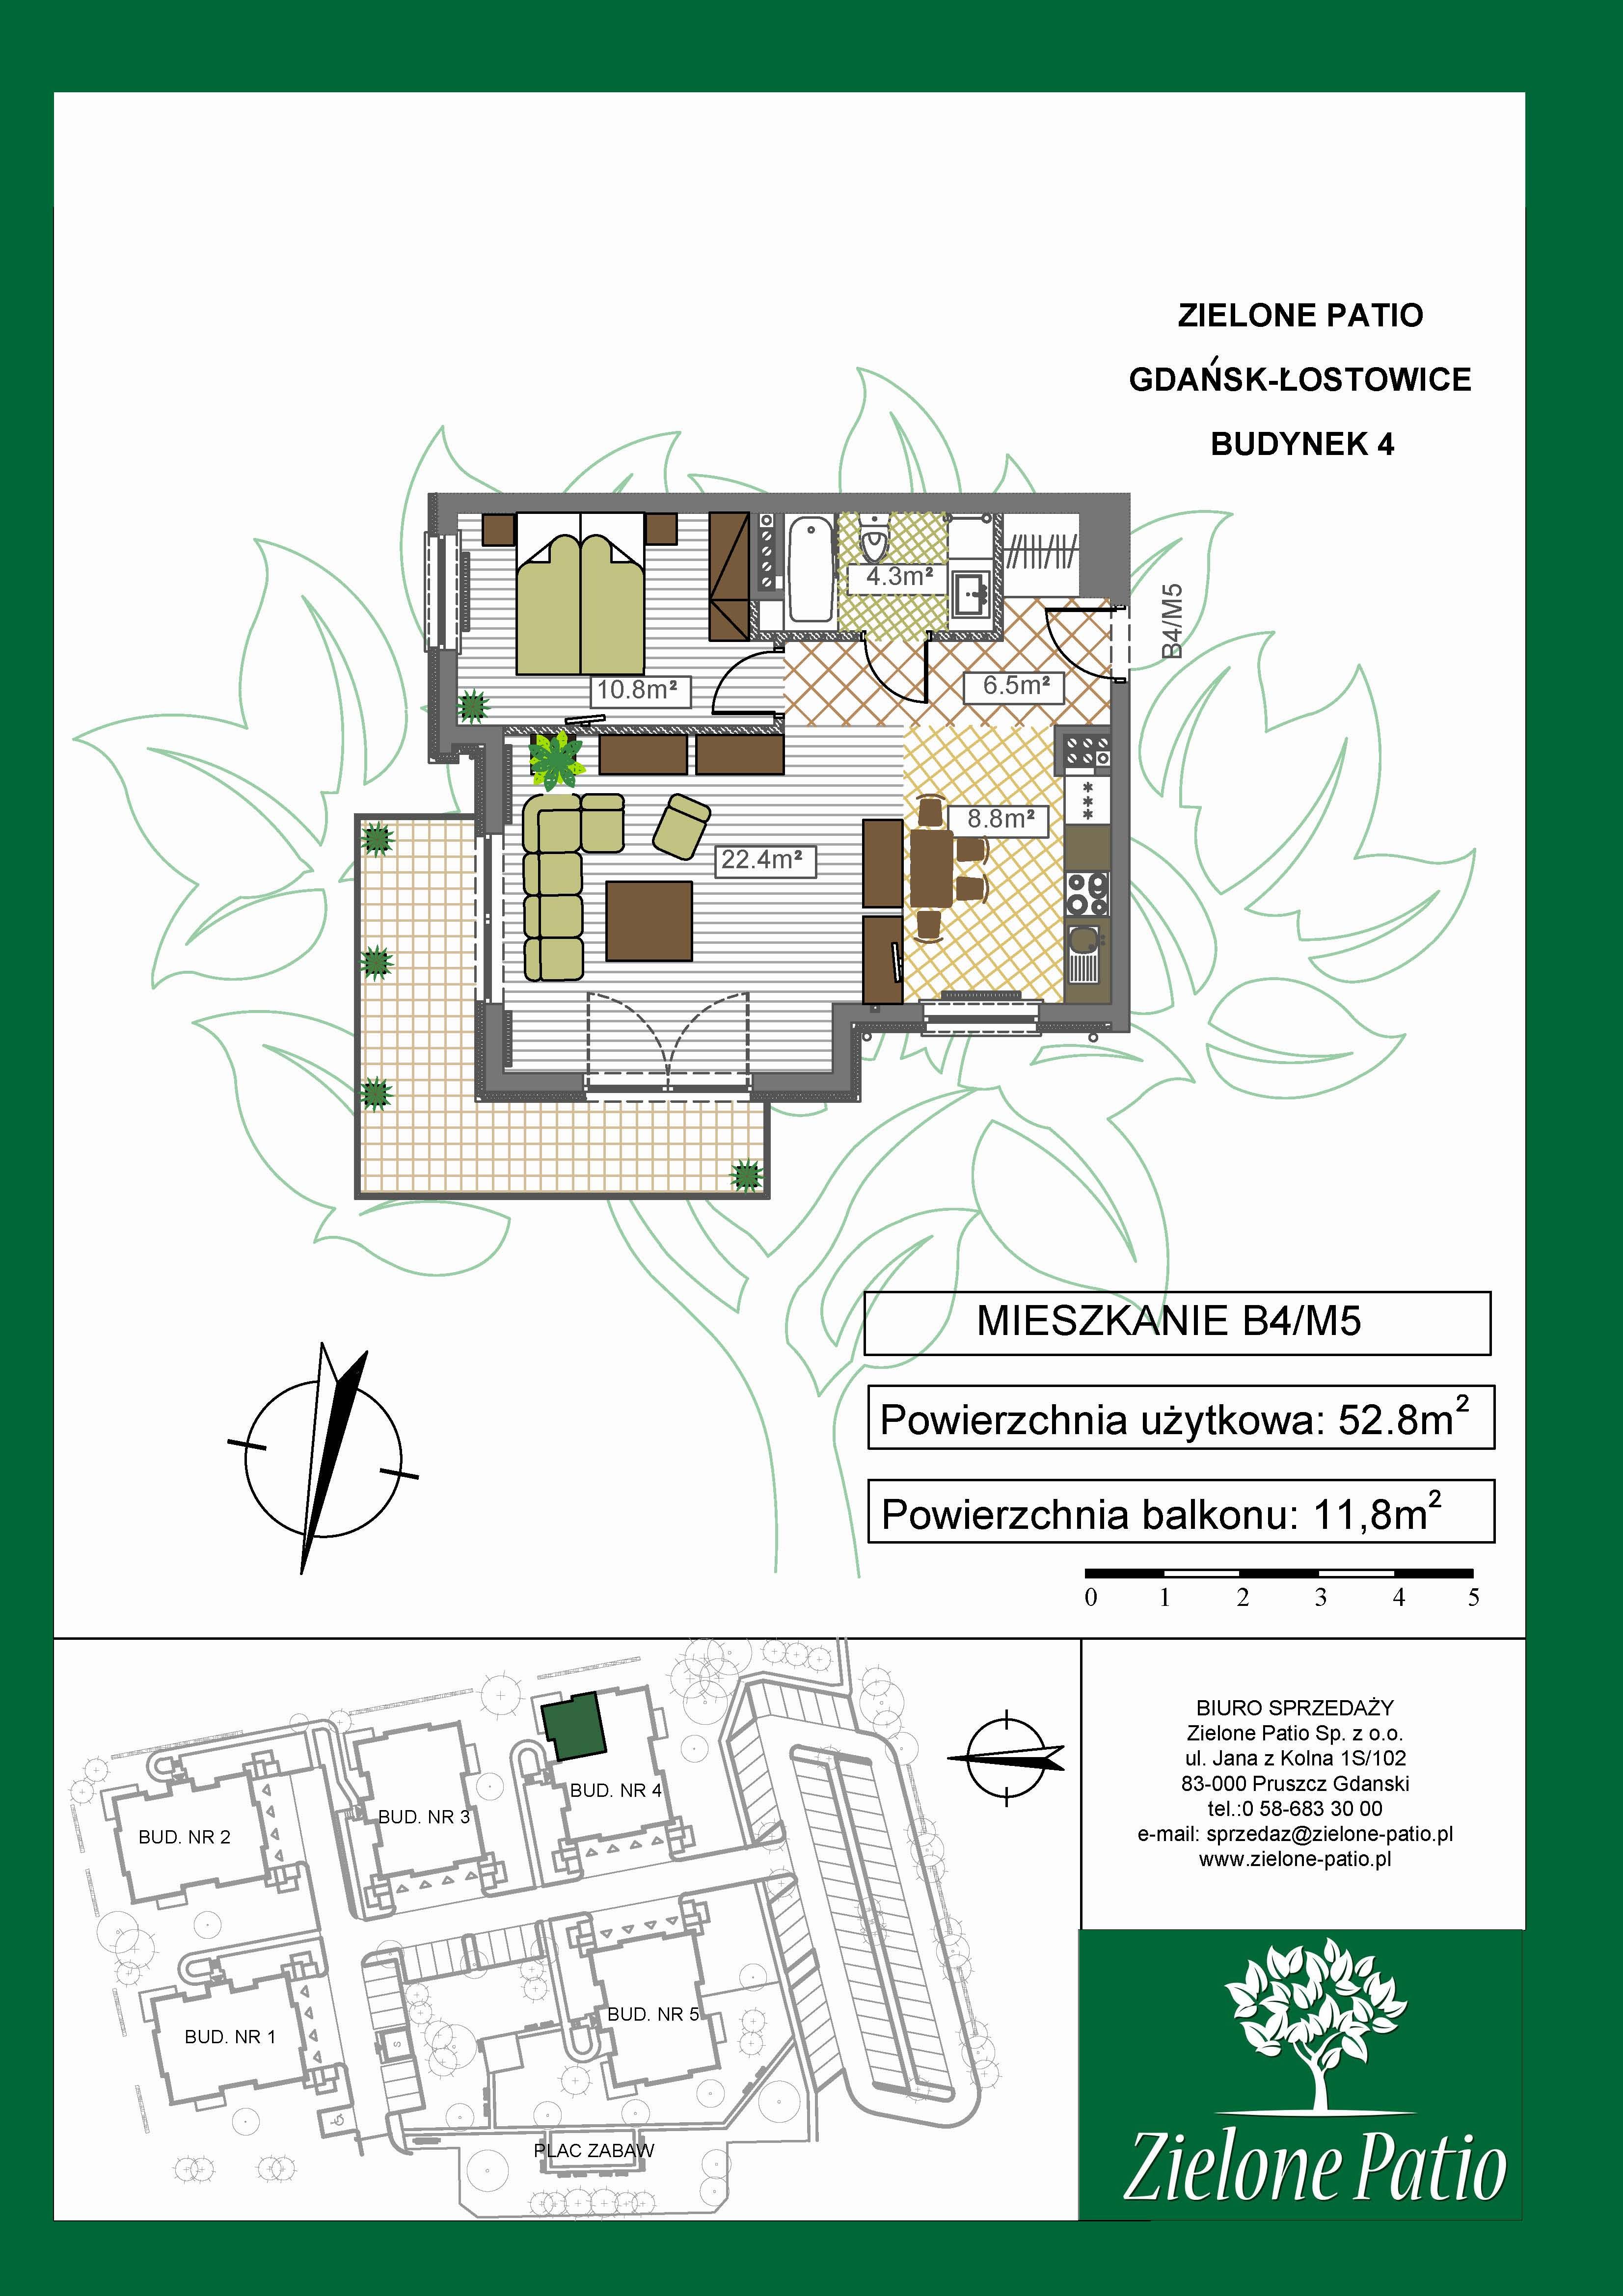 Plan M5 Zielone Patio, Budynek nr 4